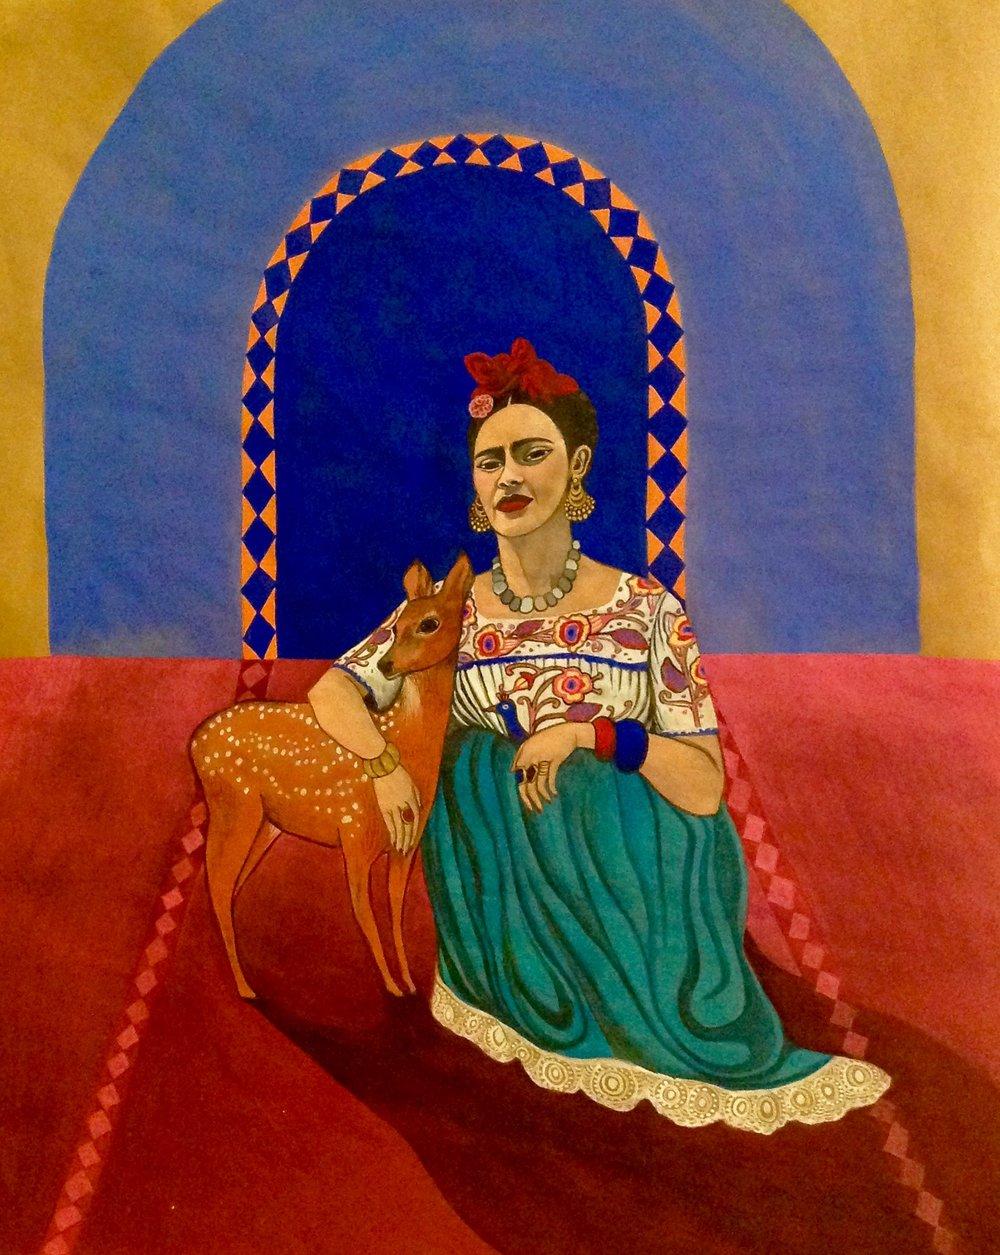 Frida Kahlo and deer, 2015